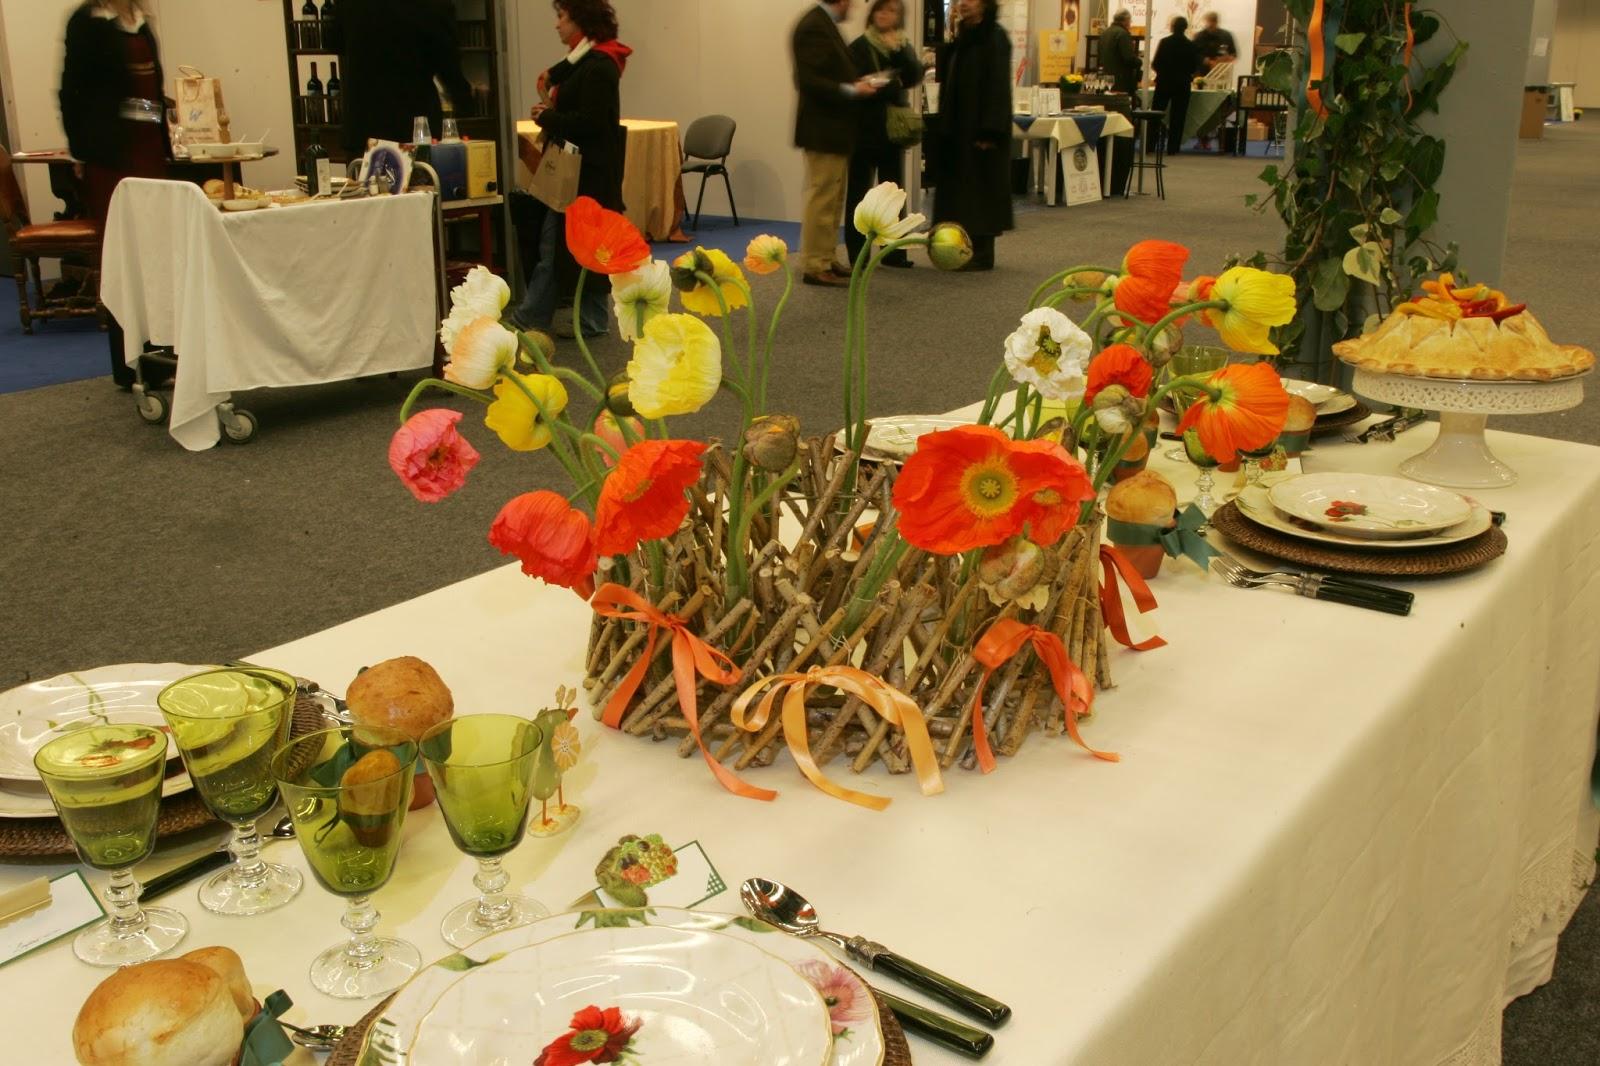 E orchestra di cucina fiori per una tavola estiva for Tavola per cucina